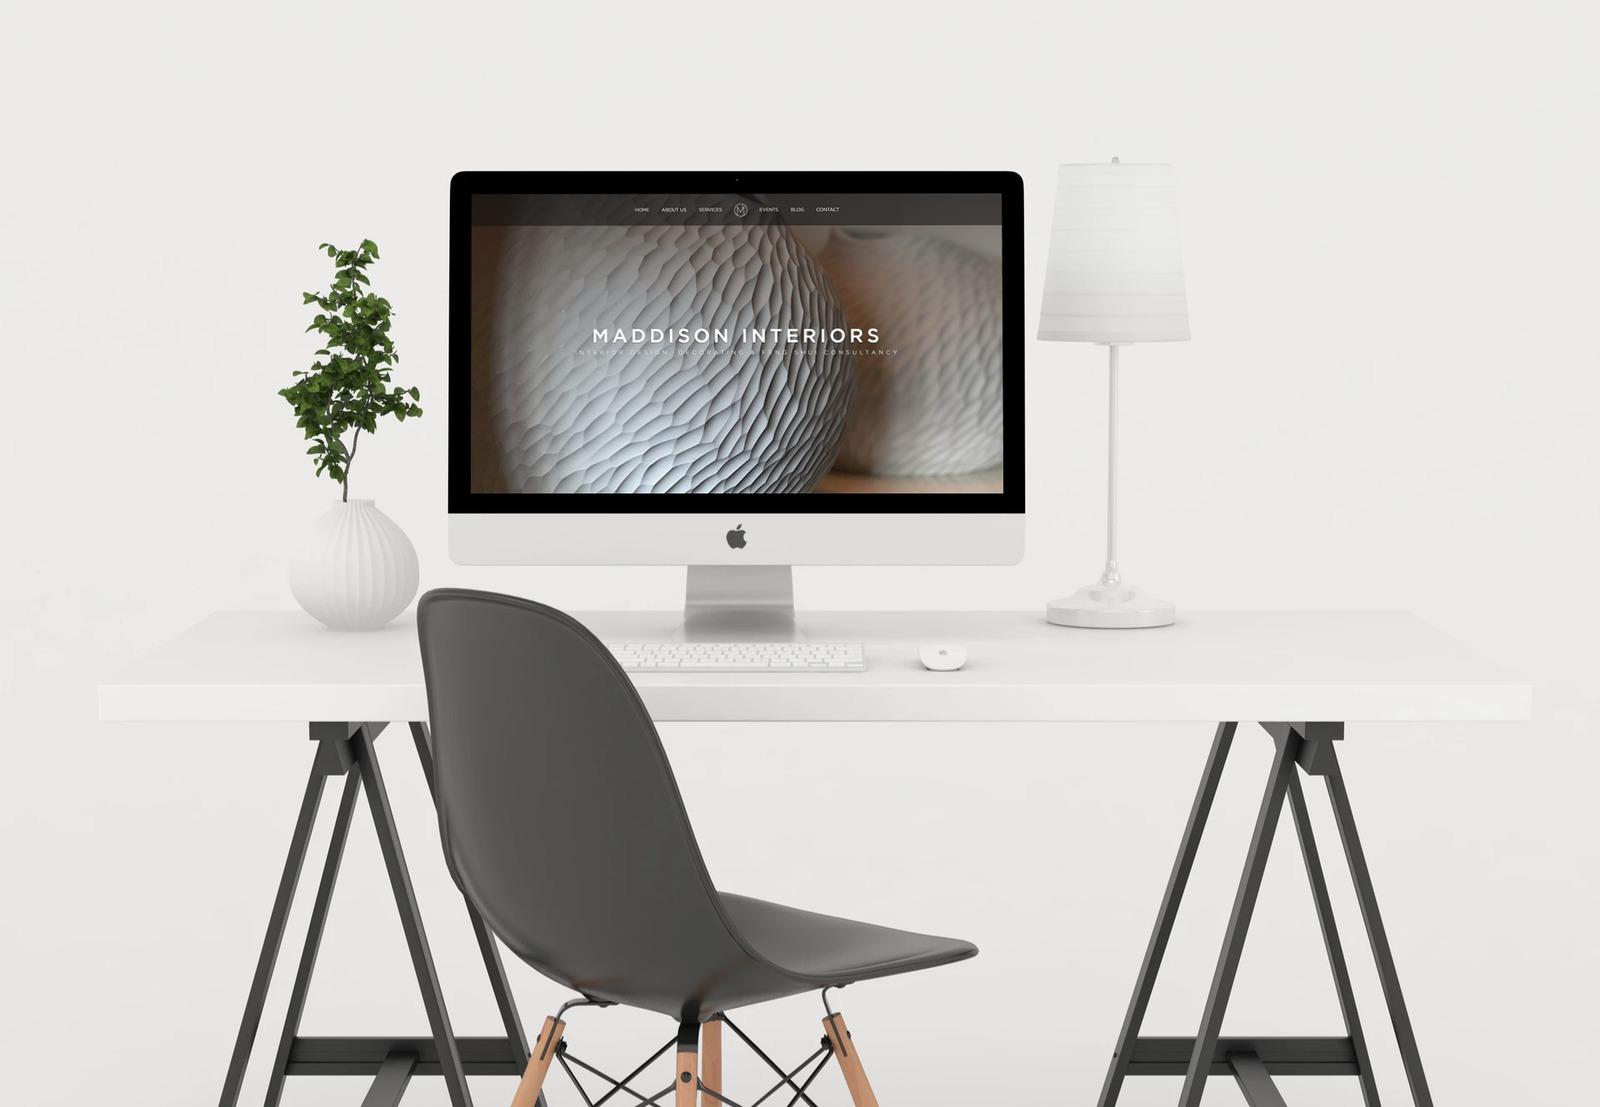 Presentation of designed flower shop website